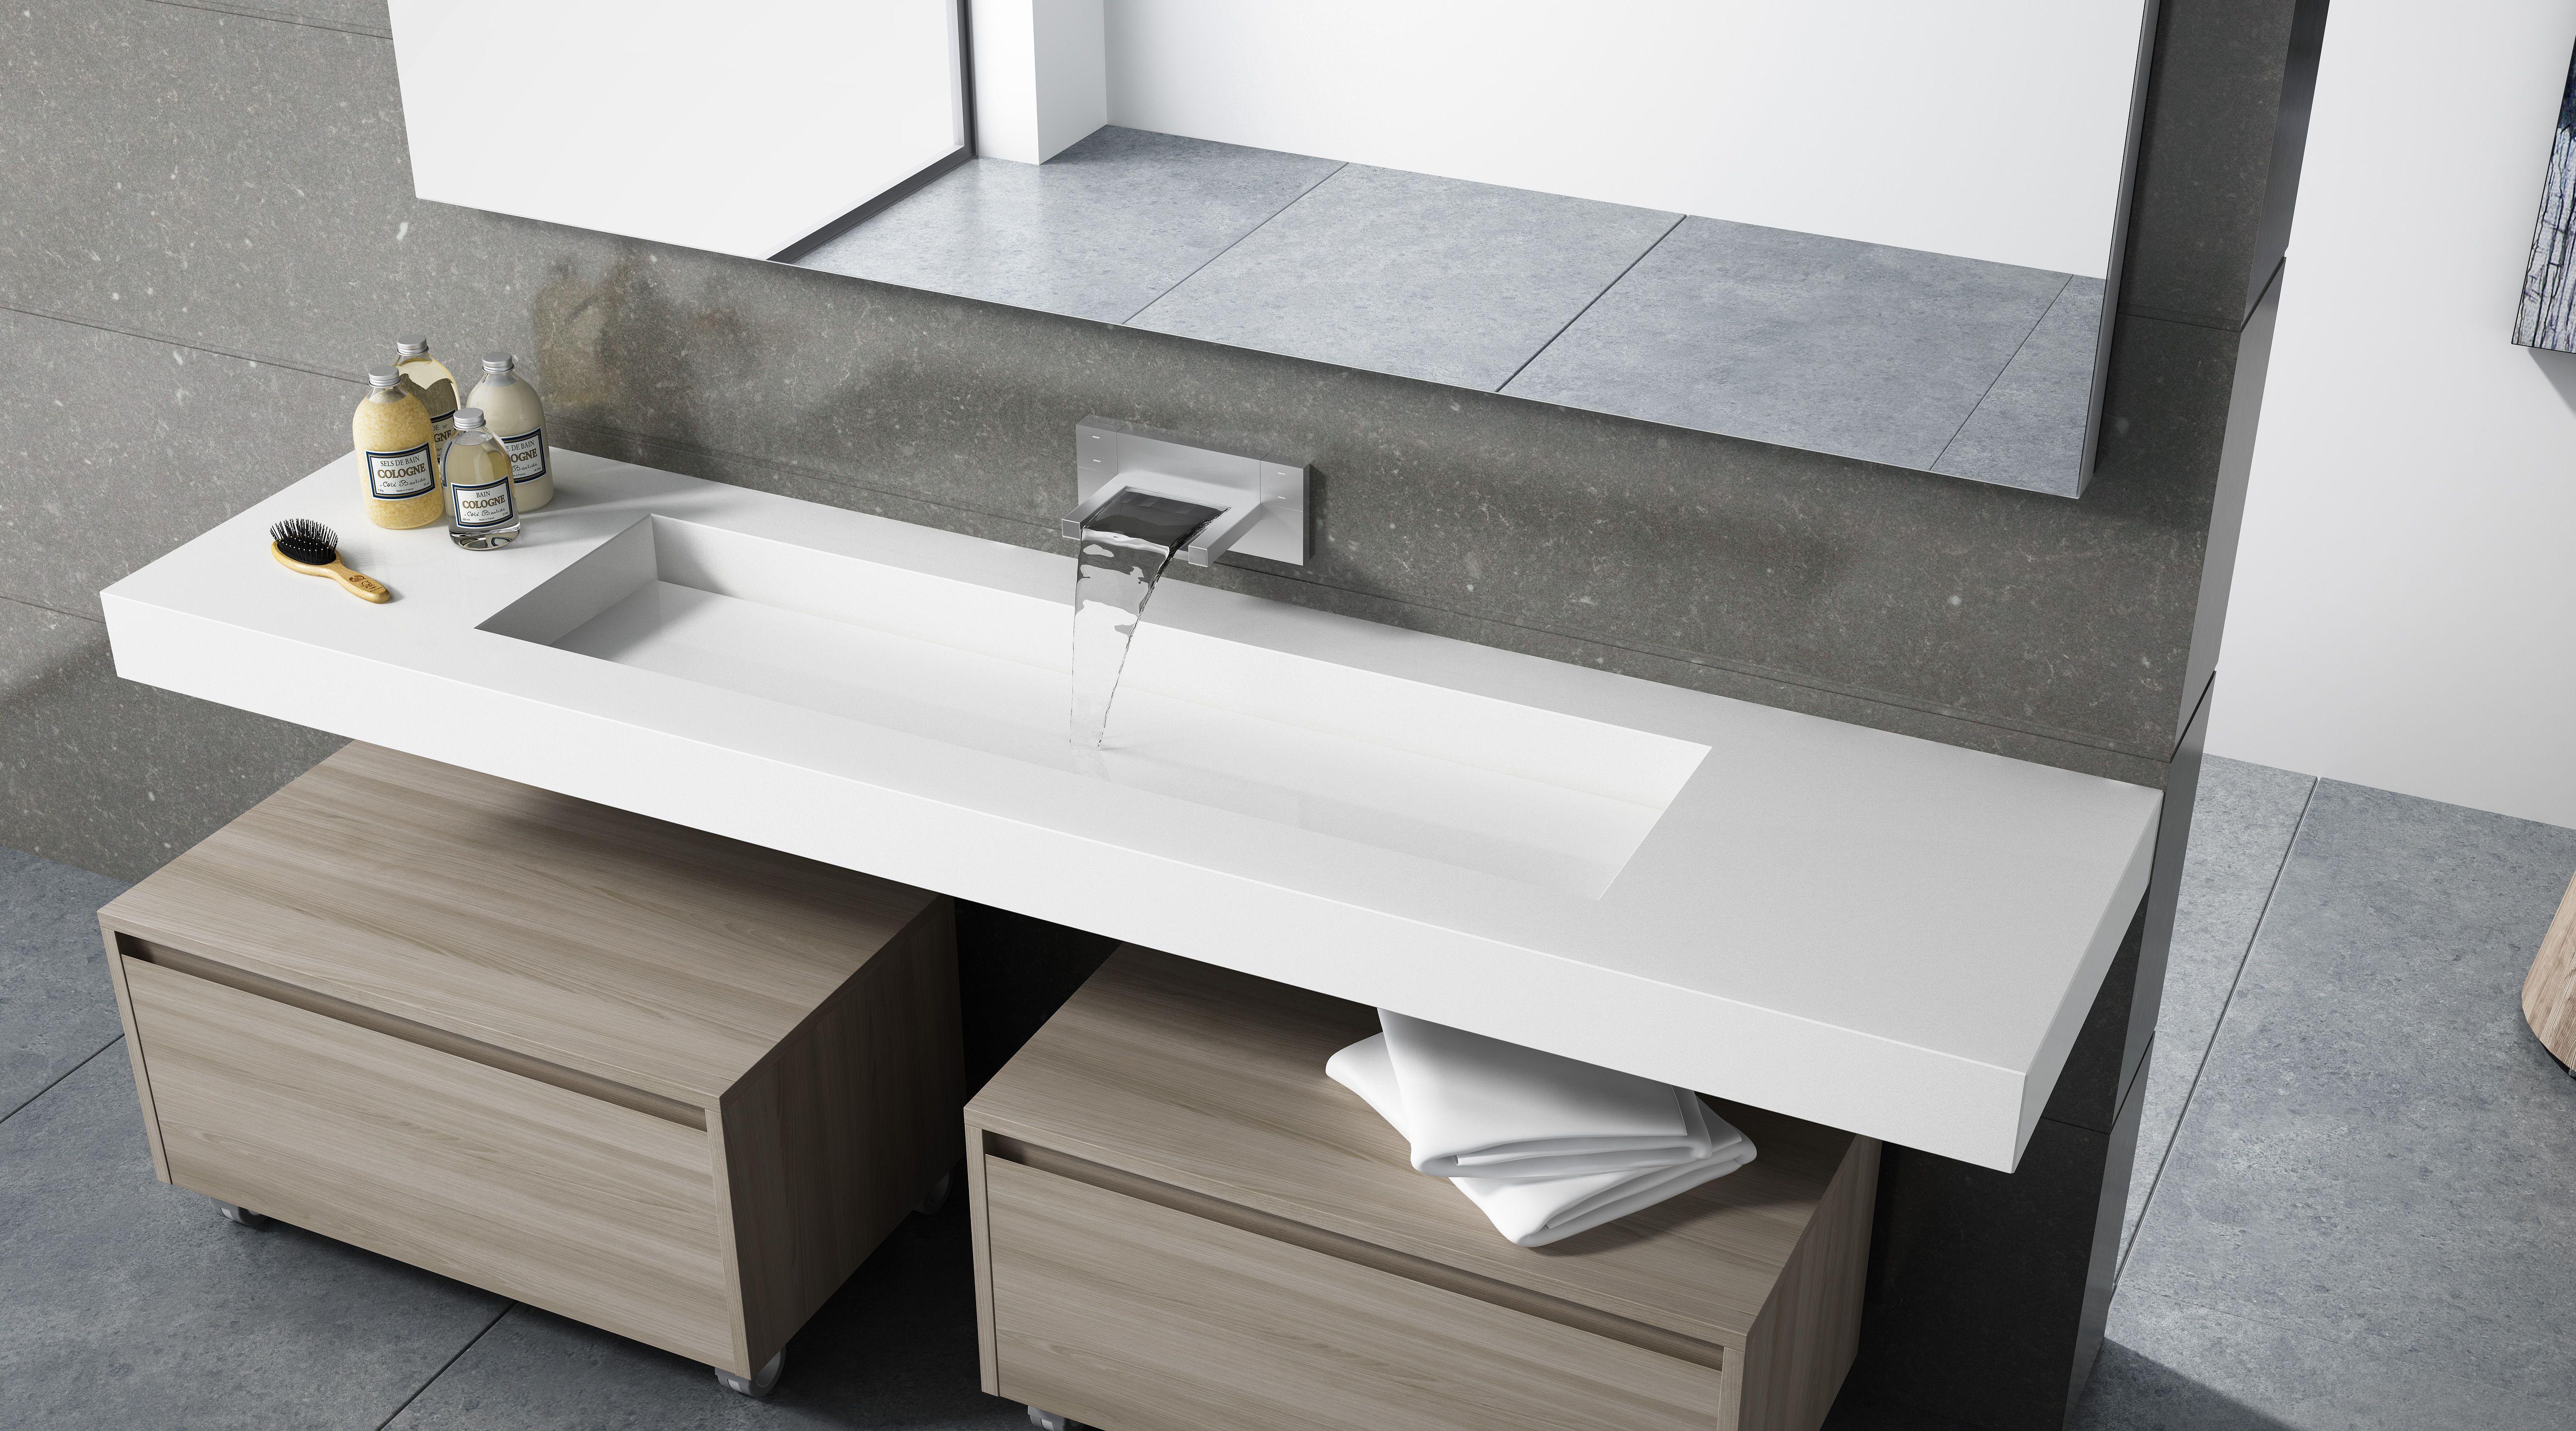 encimera lavabo integrado lavabo de diseo diseo lavabos moedrnos cuadrados encimera baos